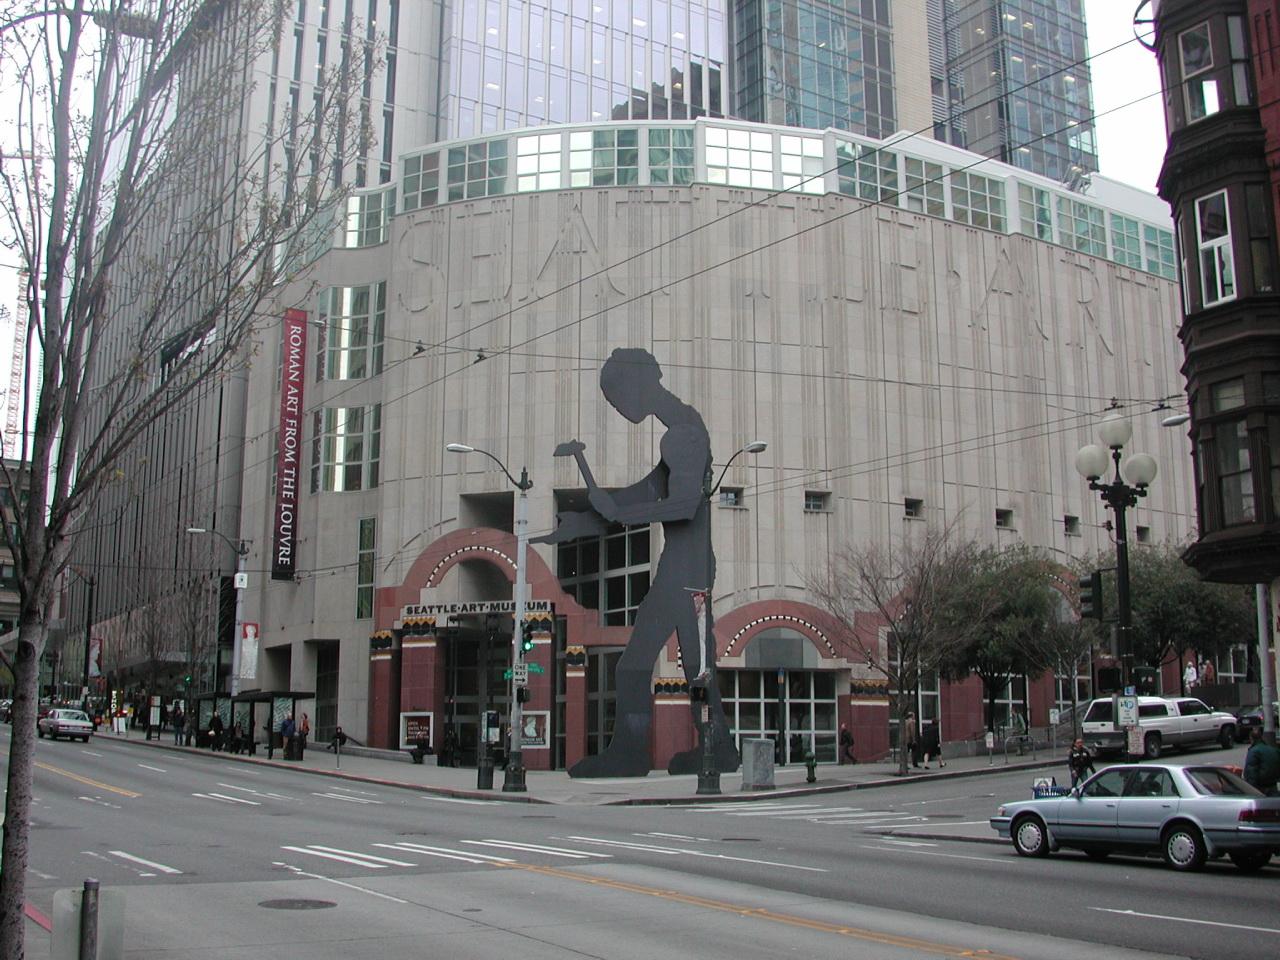 Seattle Art Museum - downtown seattle